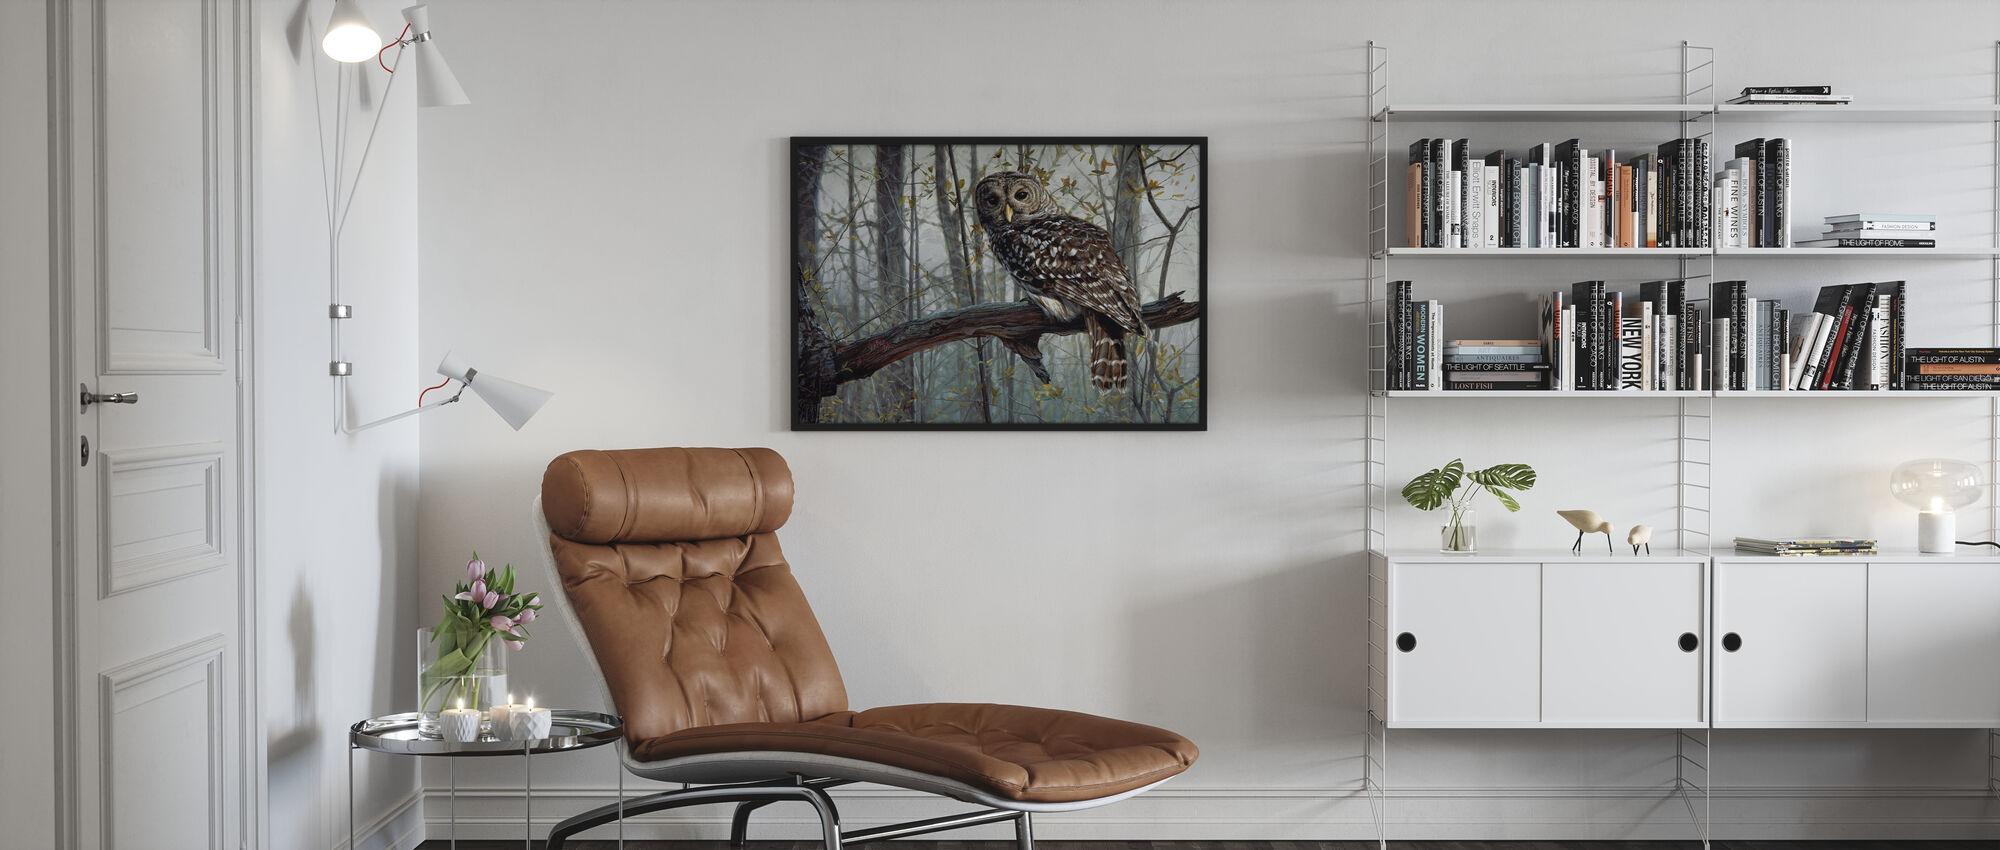 Skogens ande - Inramad tavla - Vardagsrum